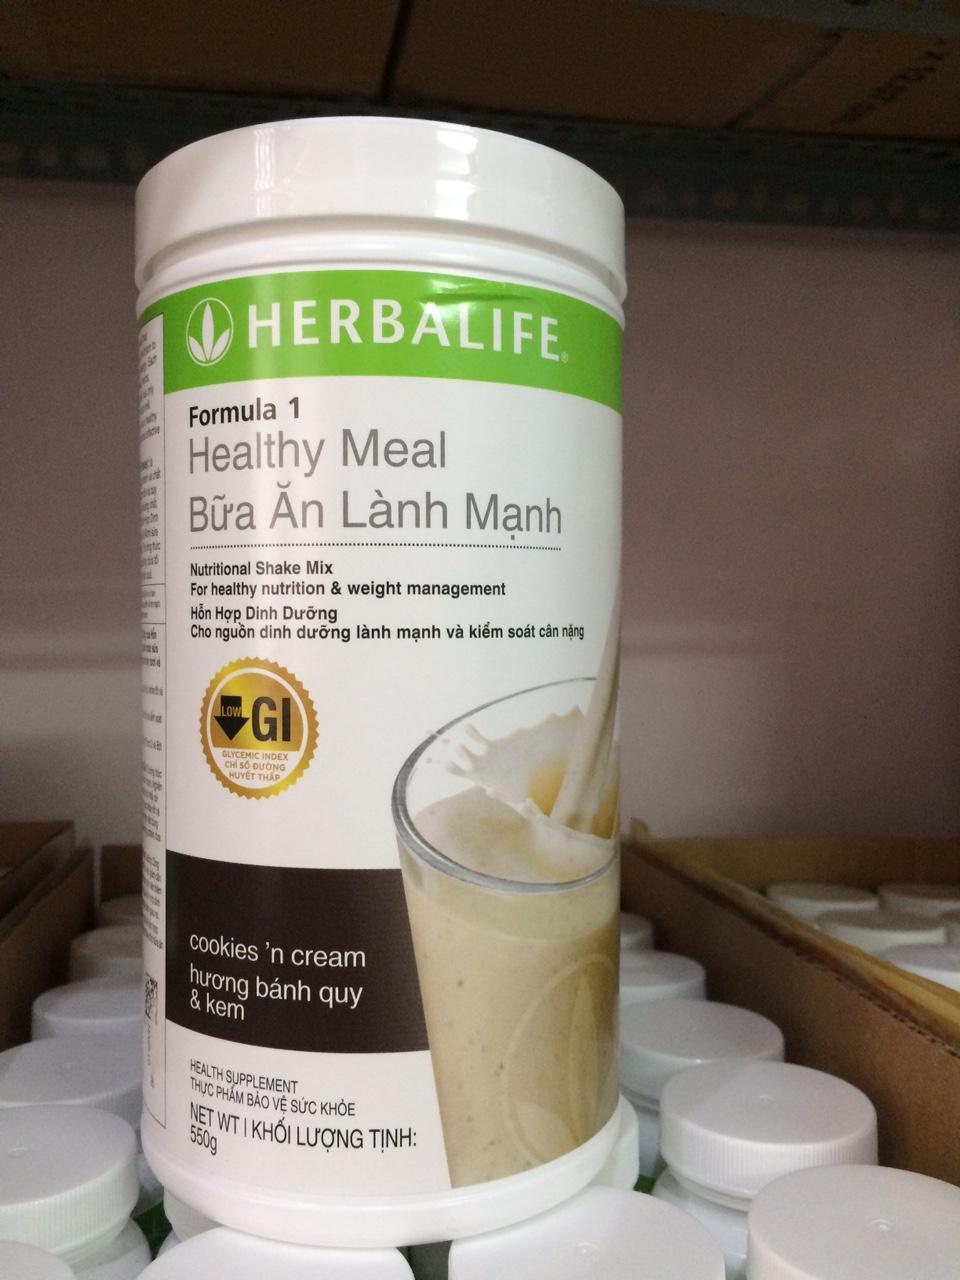 Hình ảnh Hỗn hợp dinh dưỡng công thức 1 Herbalife - Hương bánh quy kem (Sữa Herbalife F1)